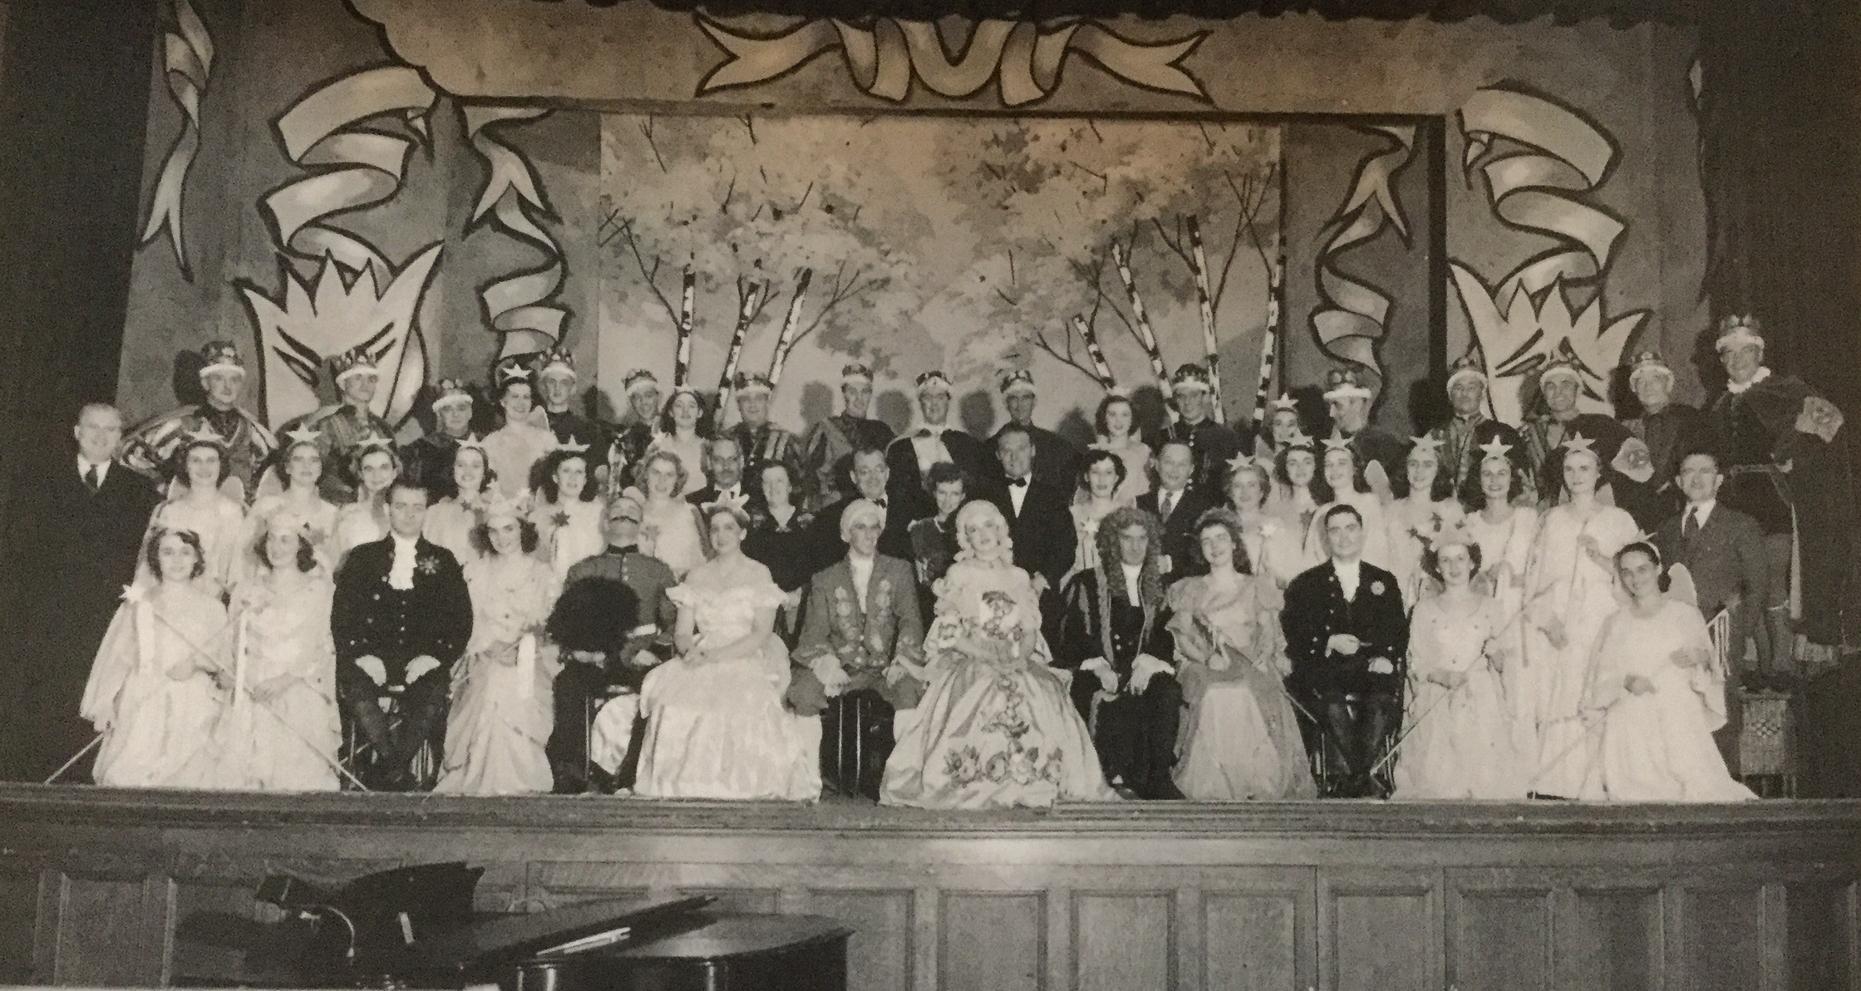 Iolanthe SCSL 1948